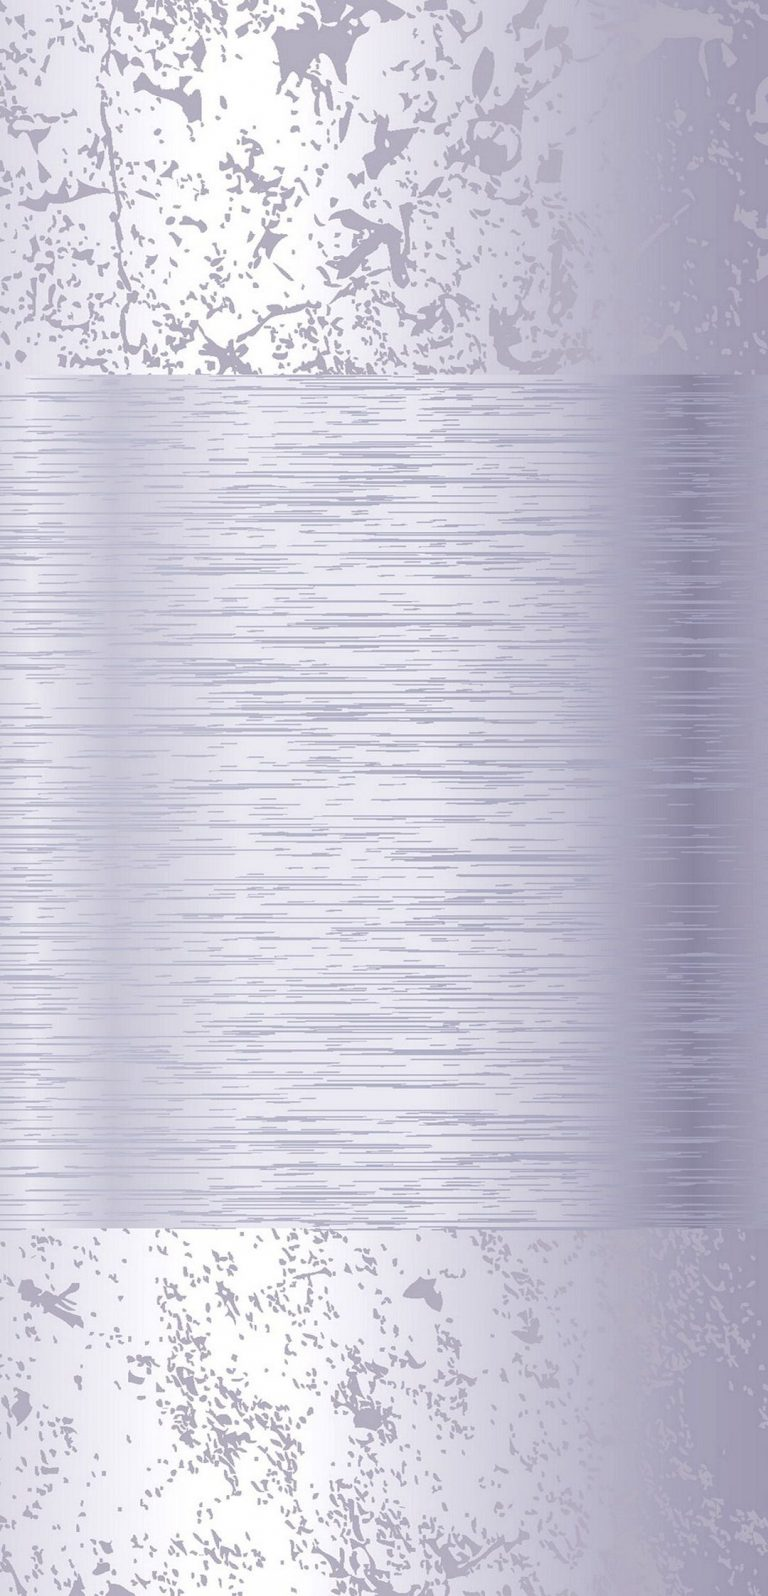 1080x2244 Wallpaper 029 768x1596